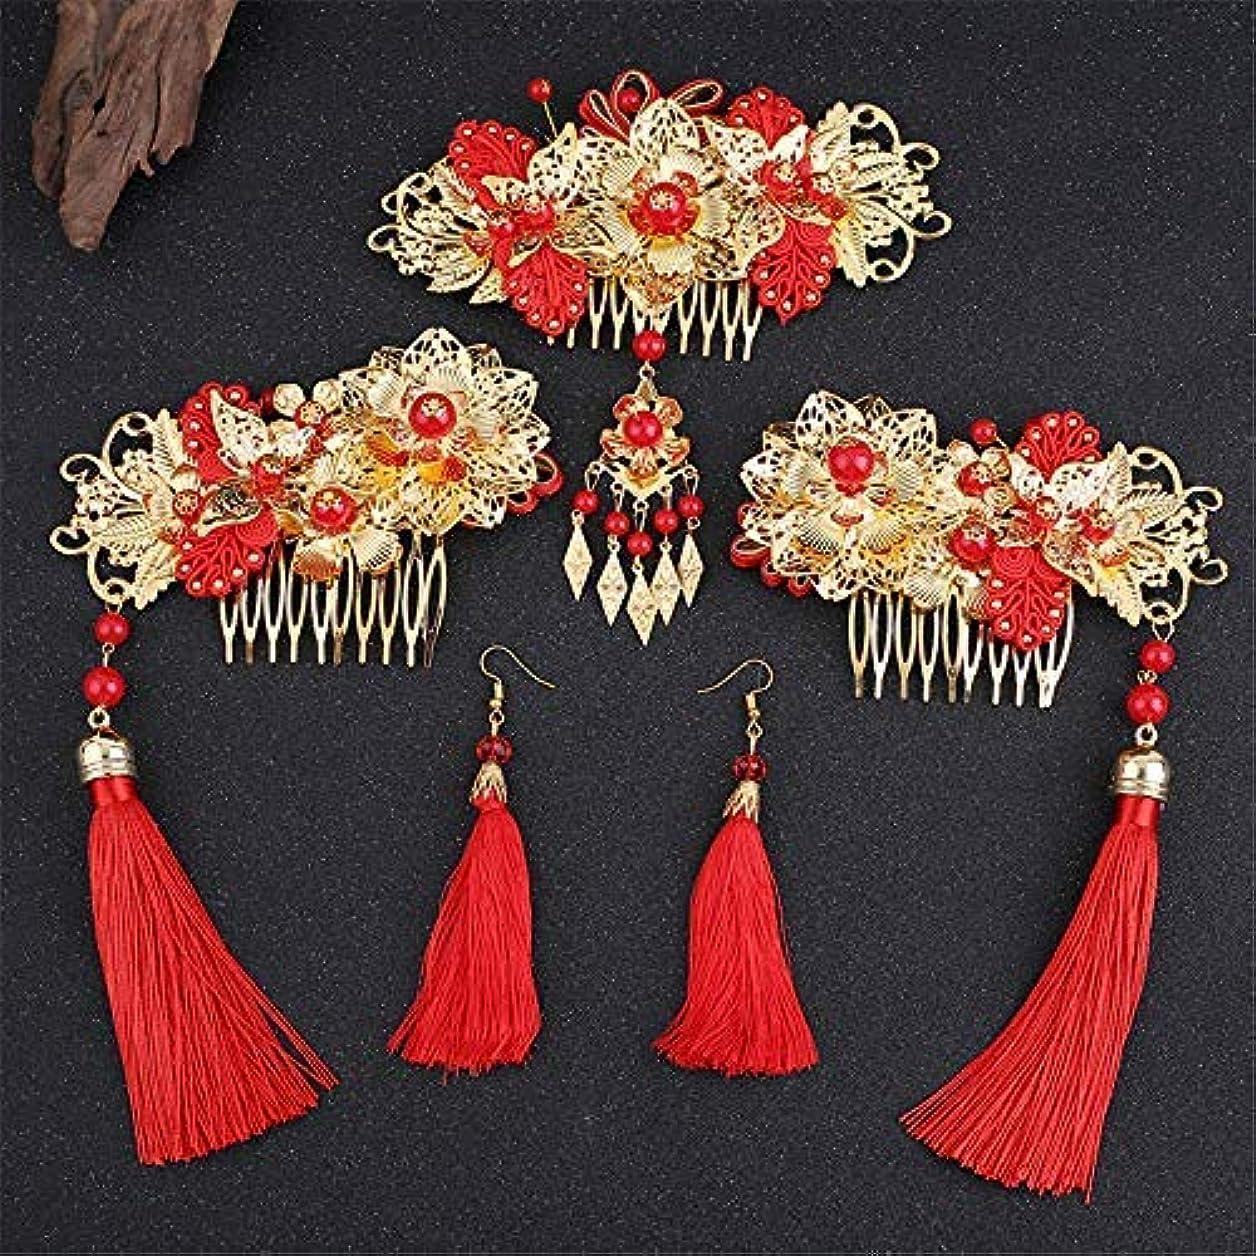 ウィスキーブート折Wedding Classical Traditional Chinese Wedding Bride Hair Accessory With Combs wedding accessories [並行輸入品]